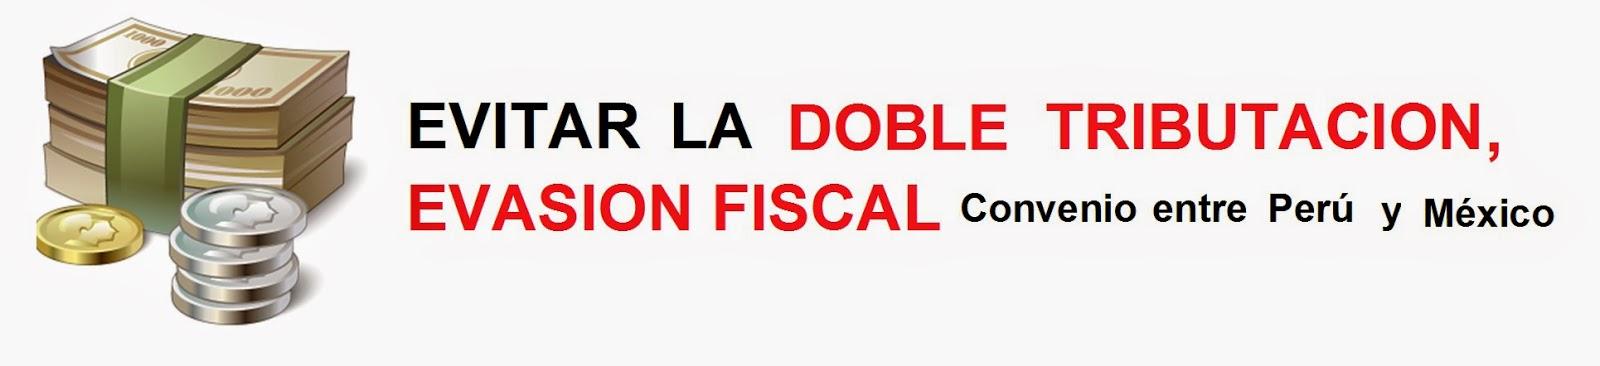 la-doble-tributación-convenio-entre-peru-mexico